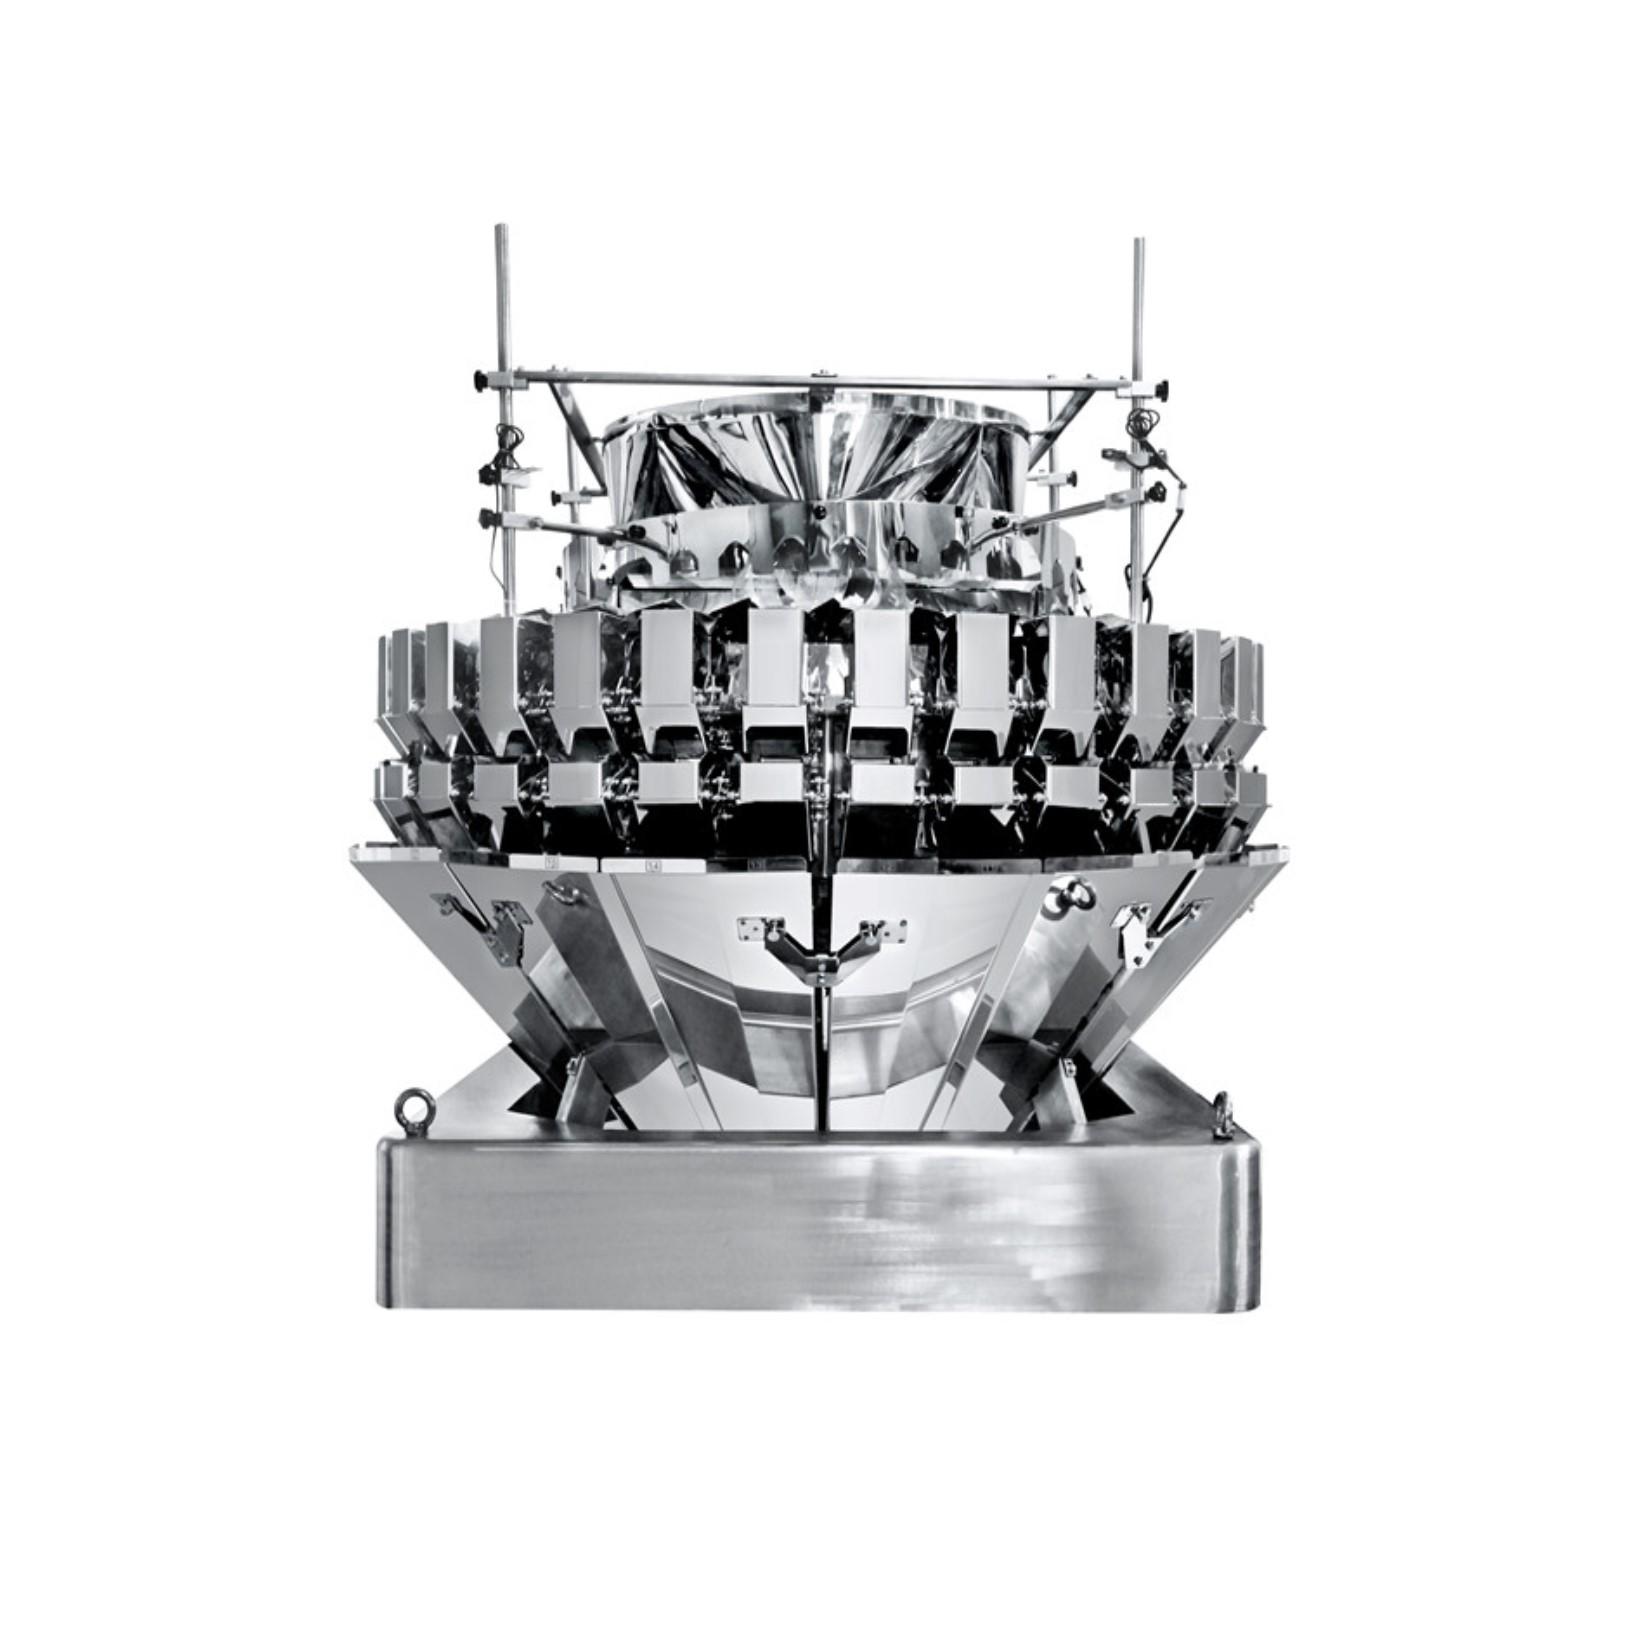 Multihead weigher – Mix  WM20/32